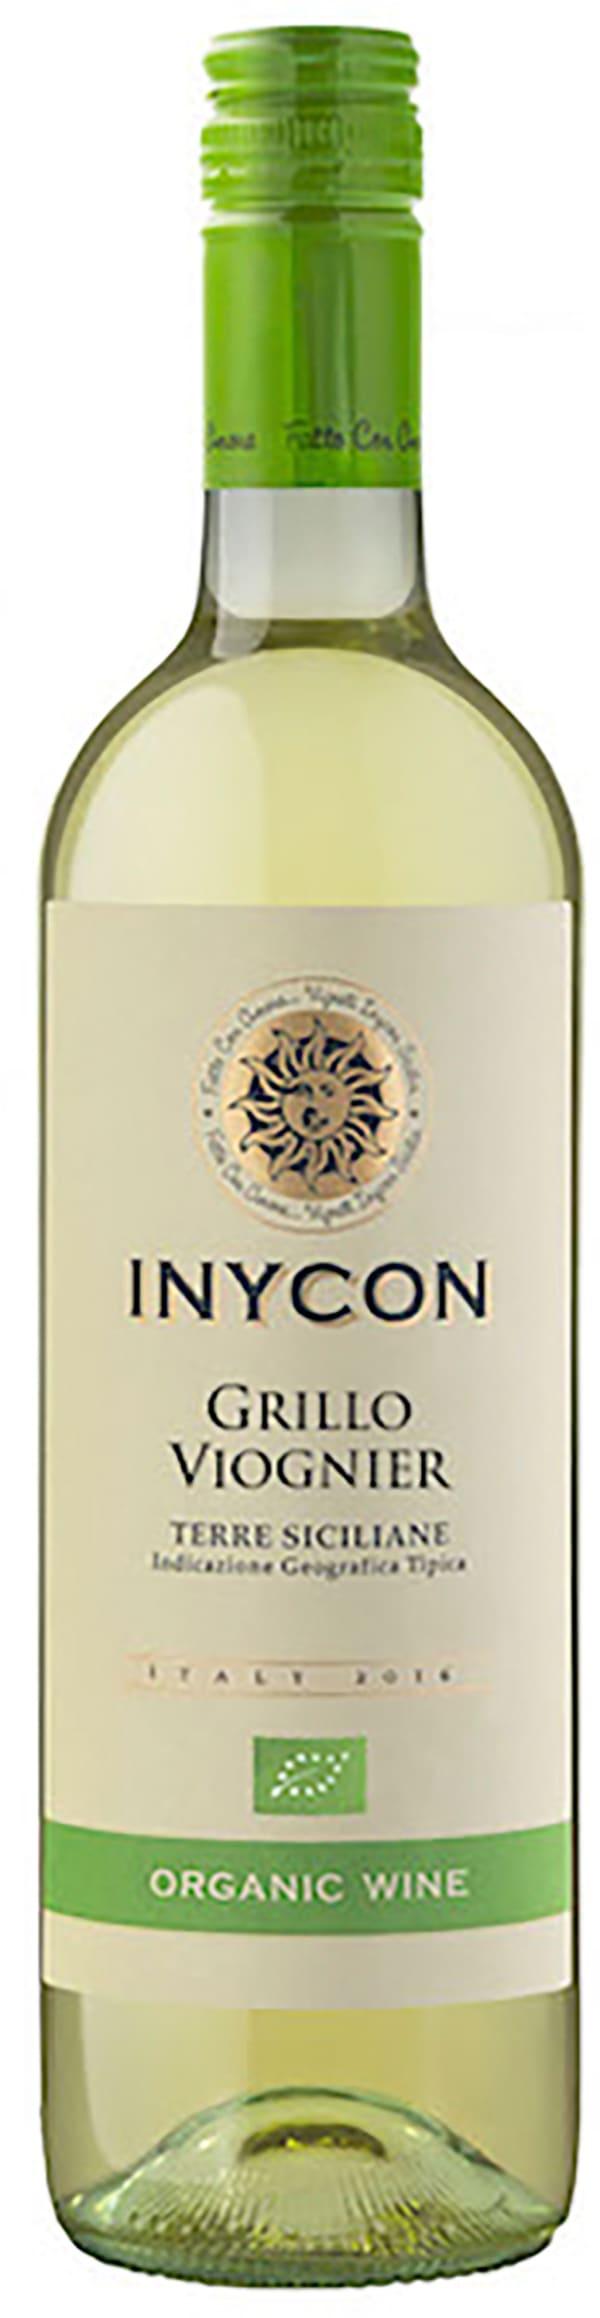 Inycon Grillo Viognier Organic 2016